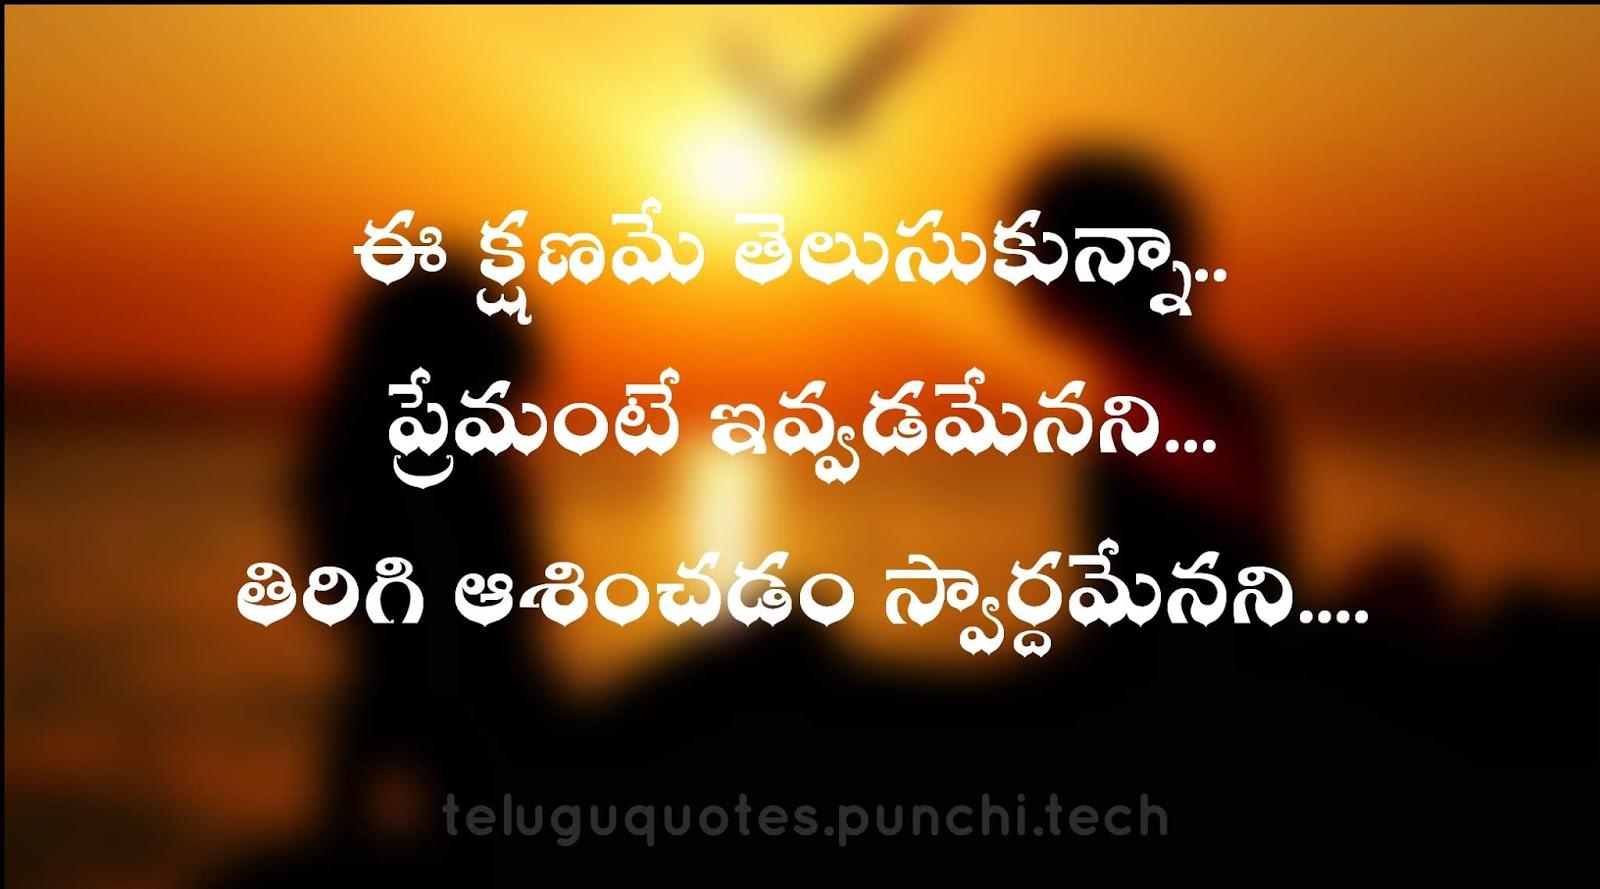 Telugu Love Quotations